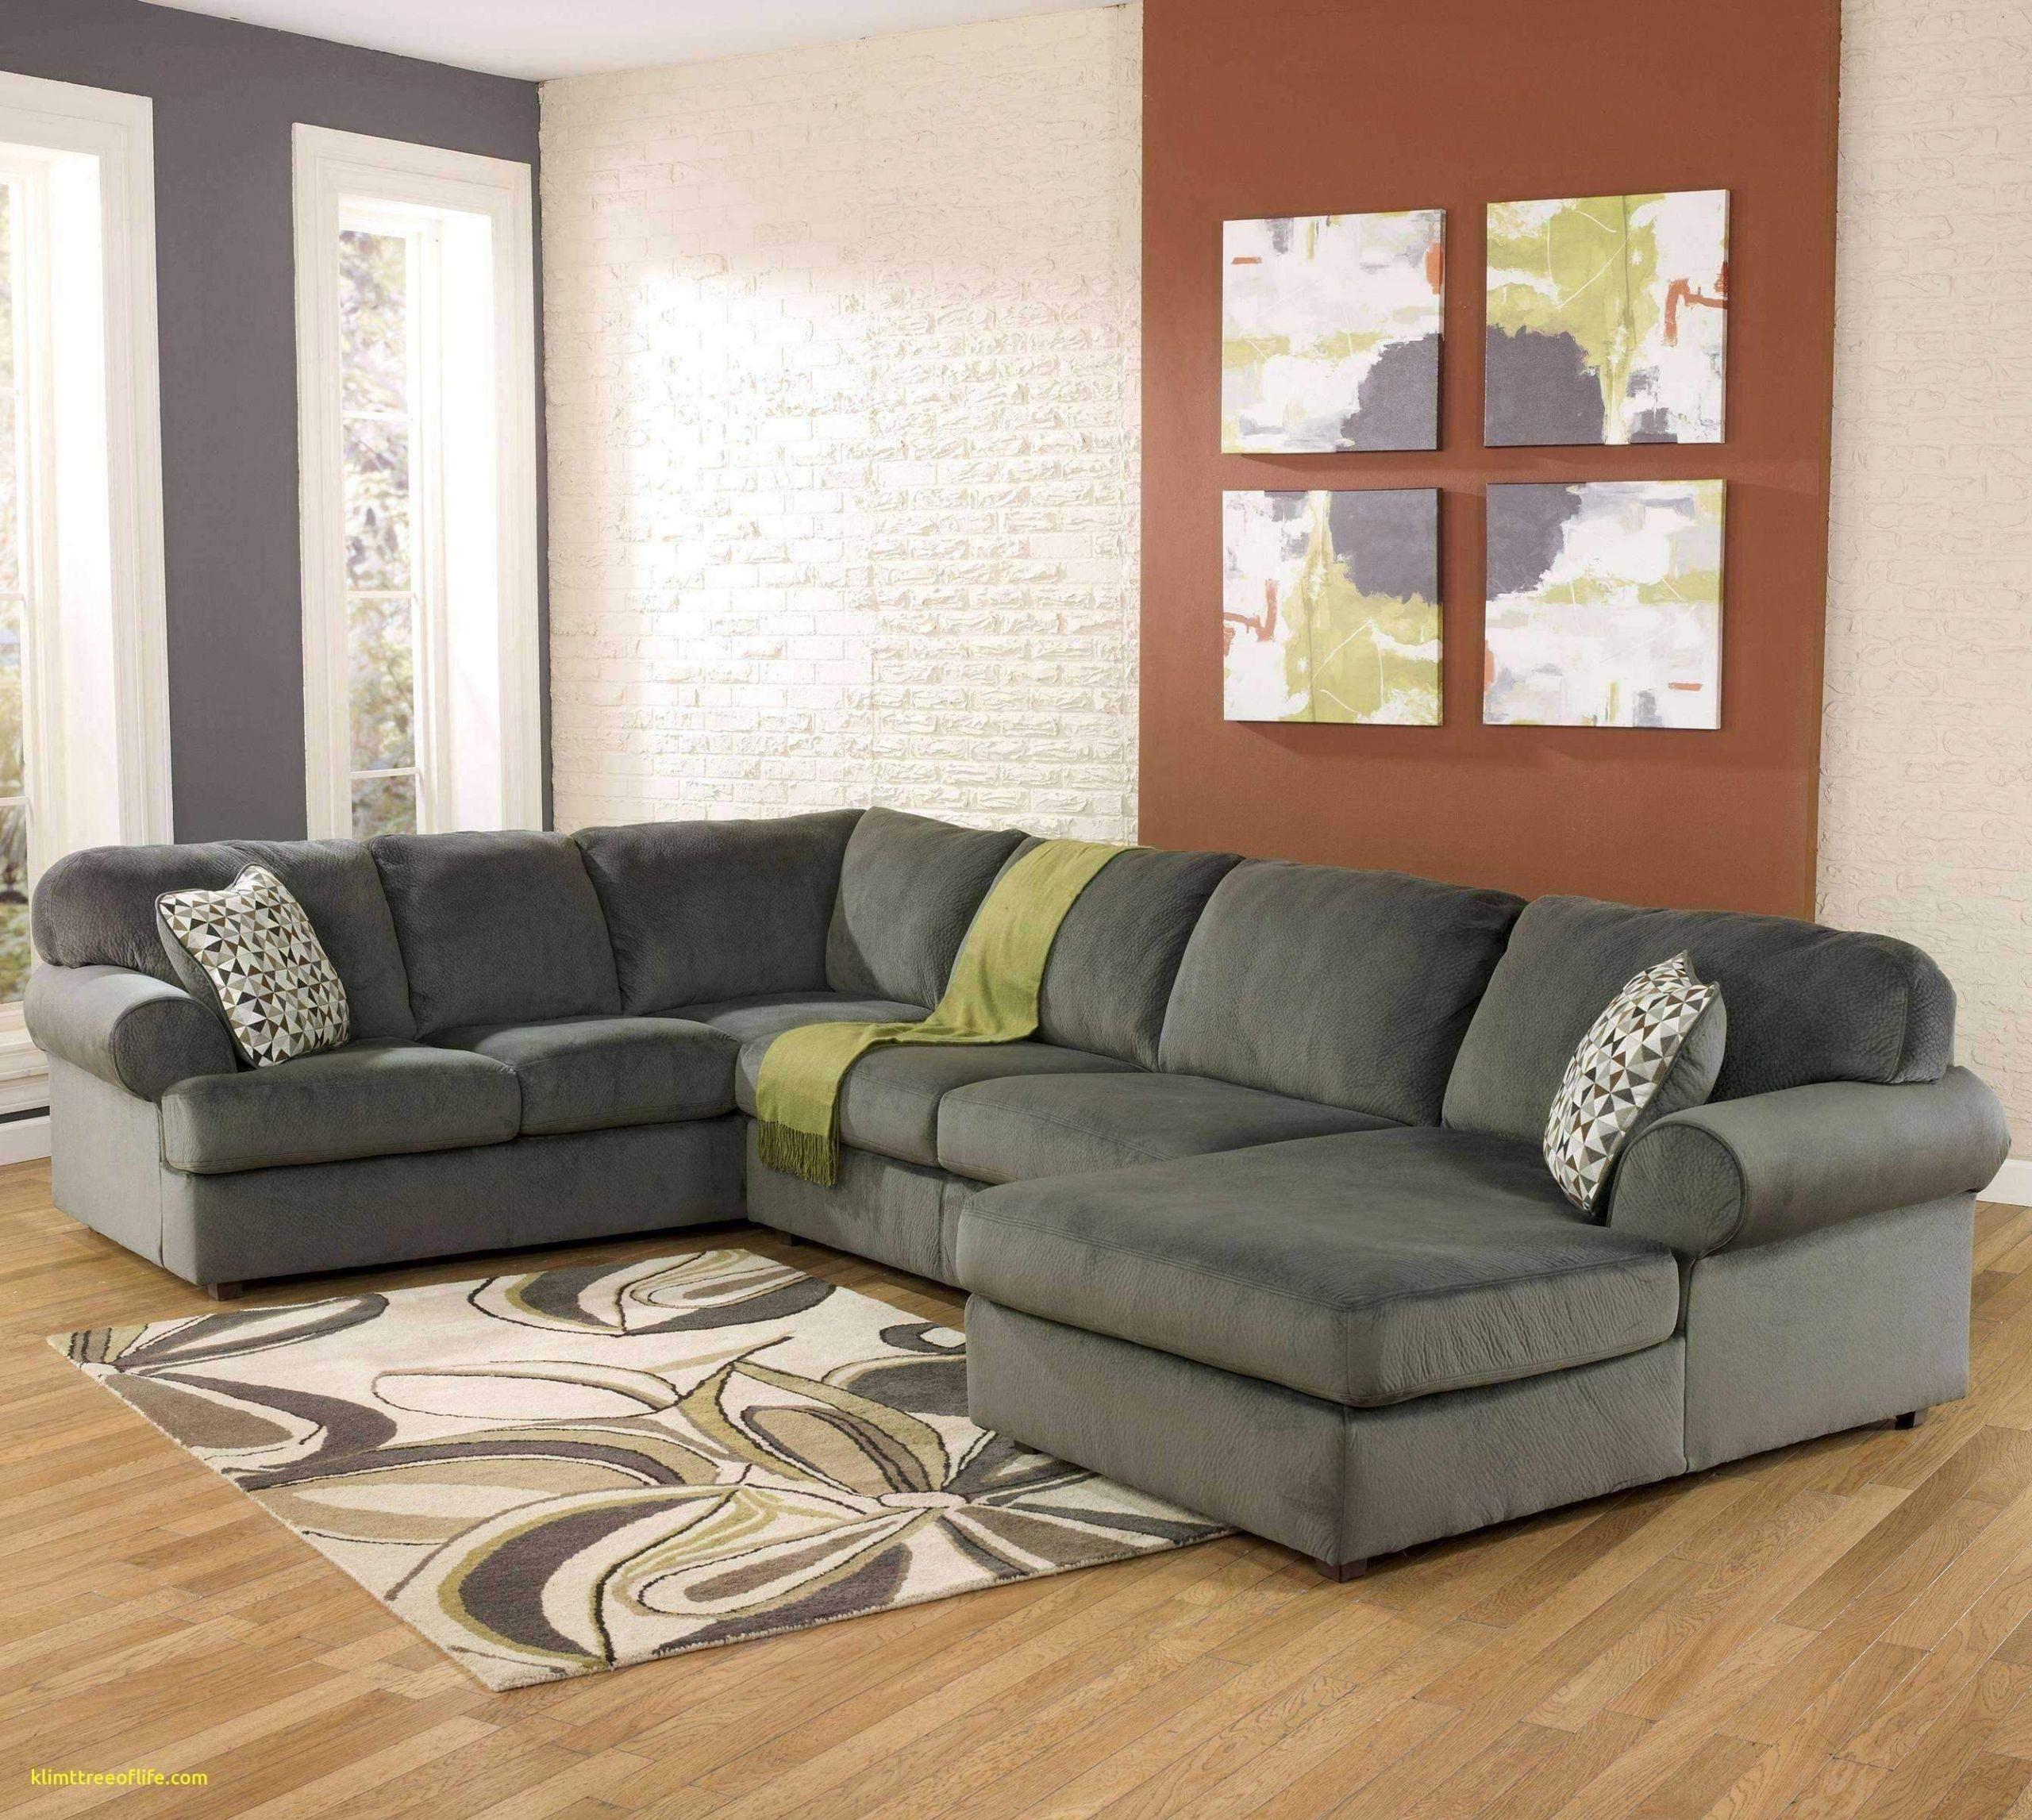 wohnzimmer couch gunstig schon 40 luxus von sofa klein gunstig ideen of wohnzimmer couch gunstig